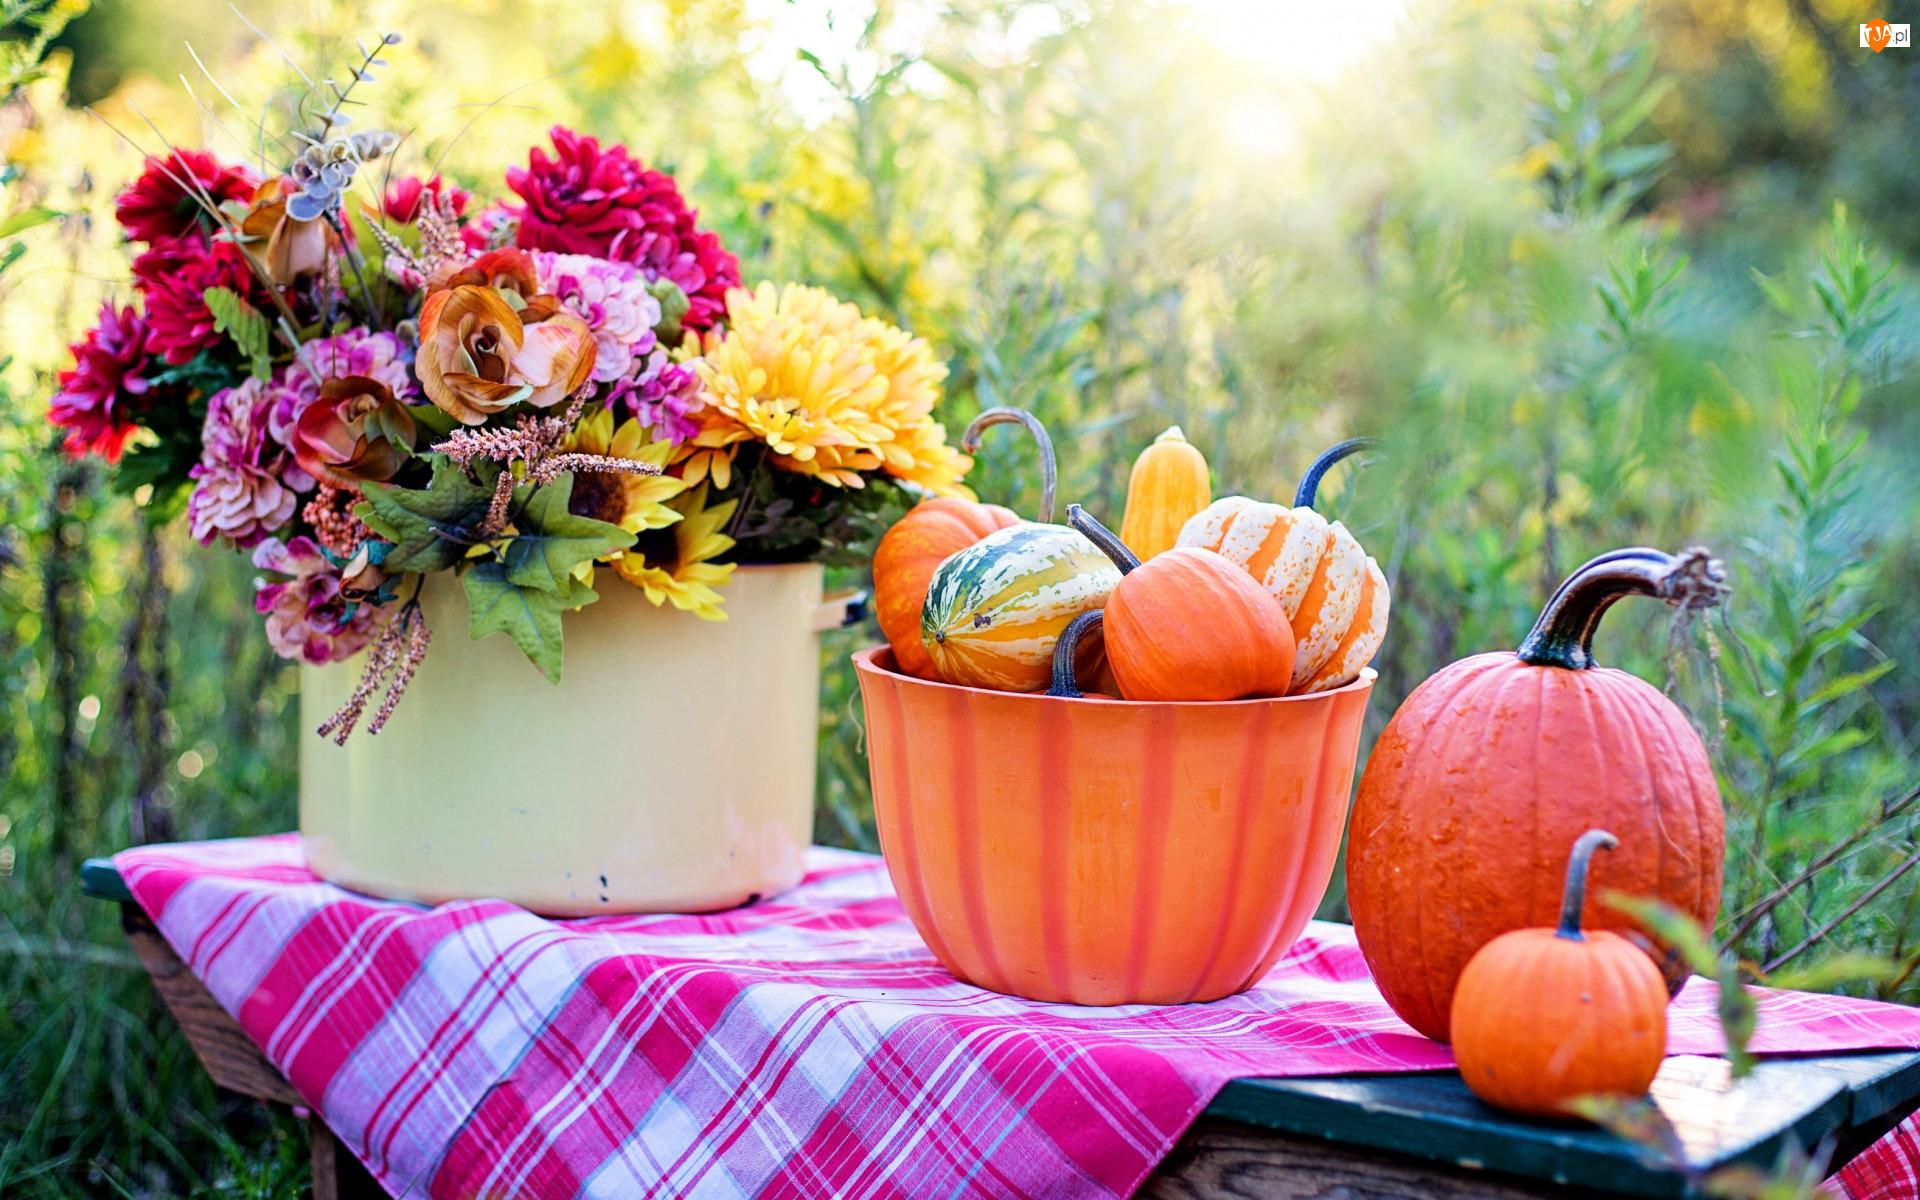 Jesień, Dynie, Kompozycja, Ogród, Bukiet, Kwiaty, Miska